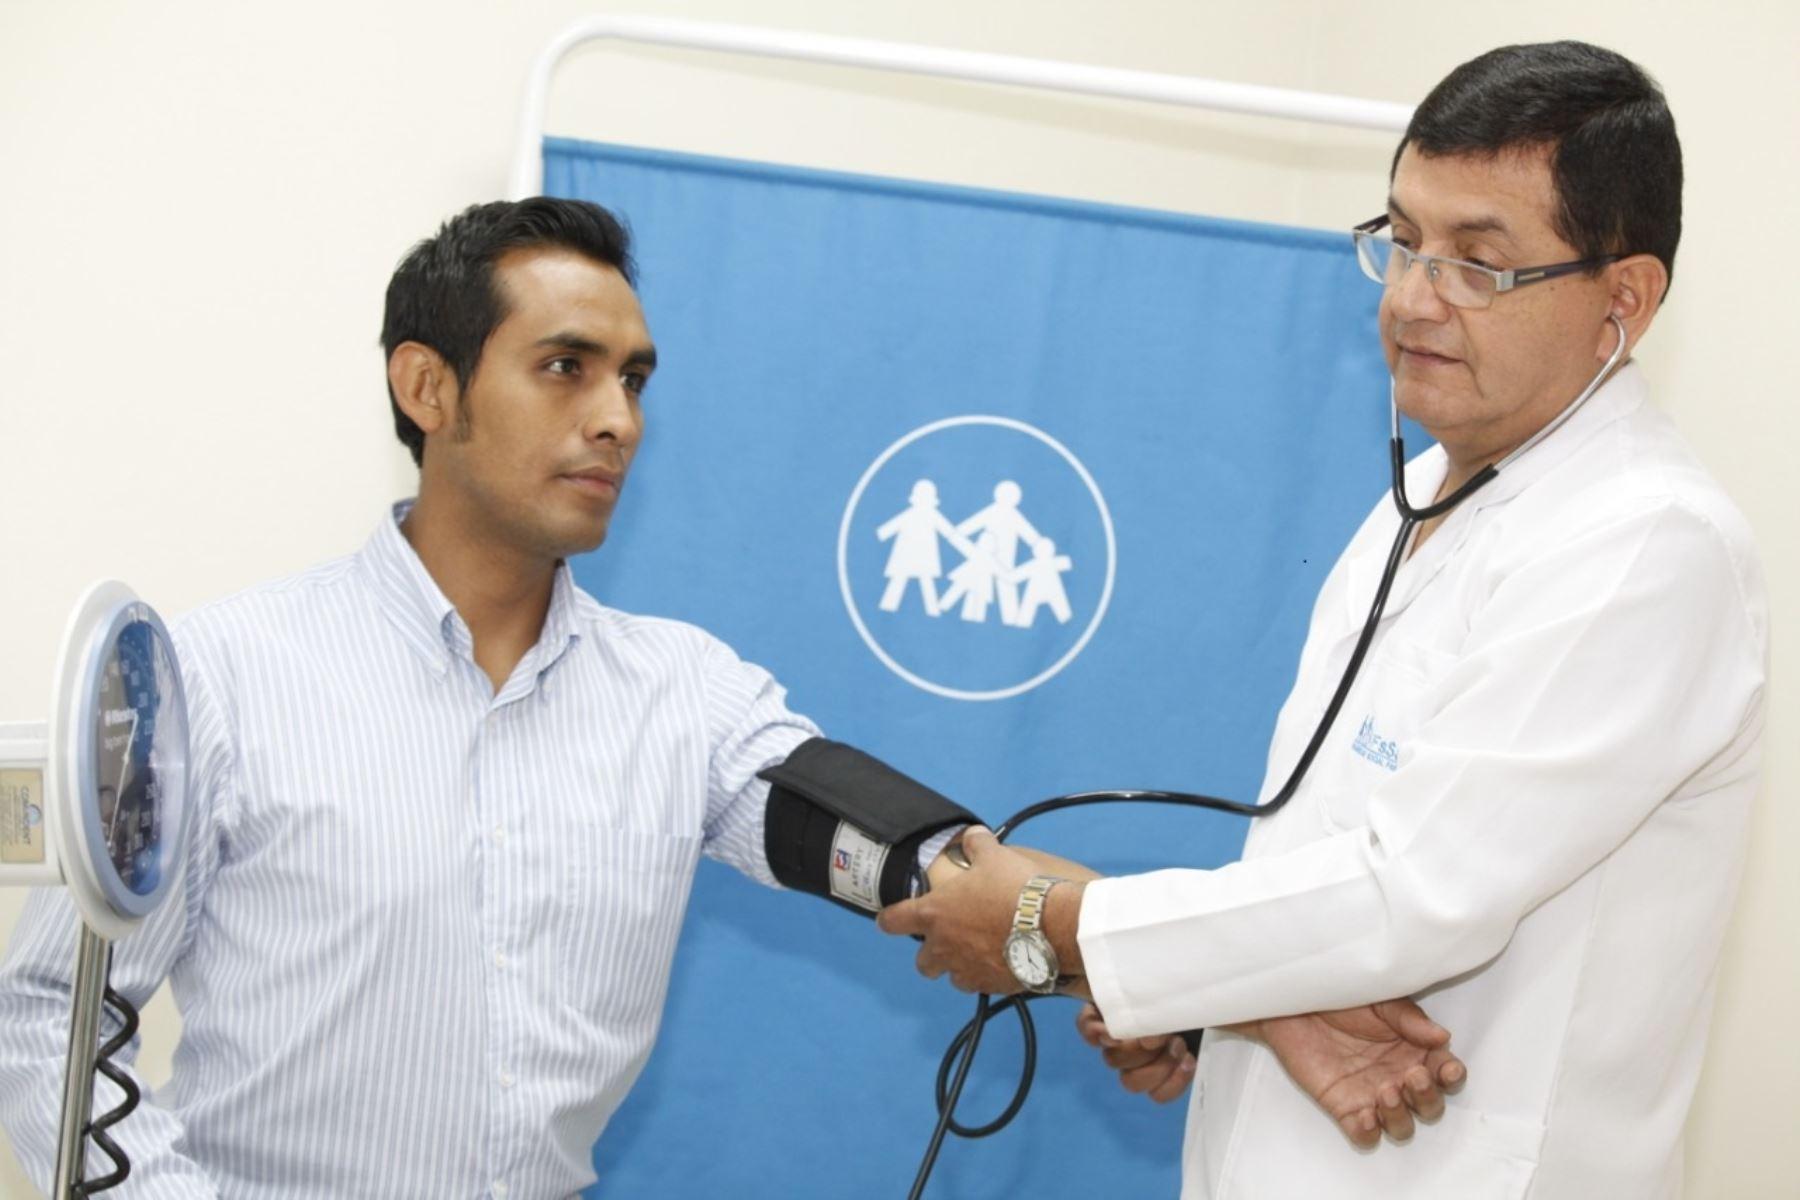 Especialista recomienda chequeos oportunos para prevenir diabetes, hipertensión y otras patologías